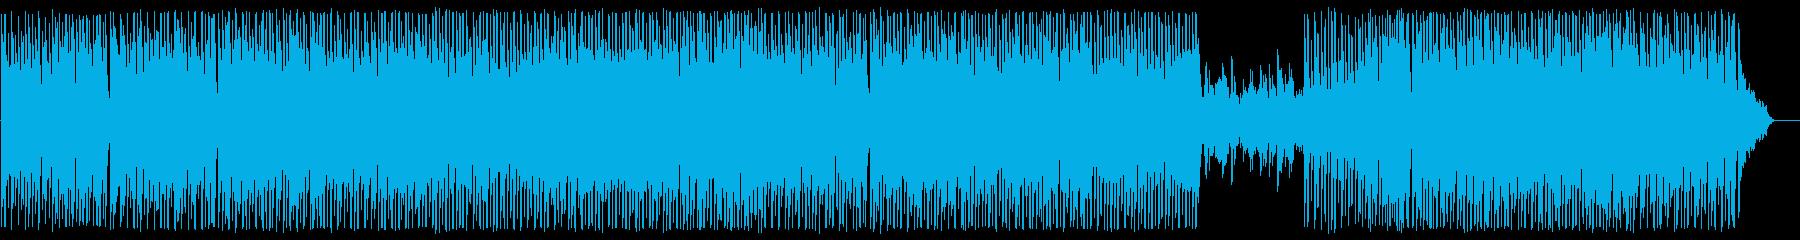 哀愁のディスコ風ユーロビートの再生済みの波形